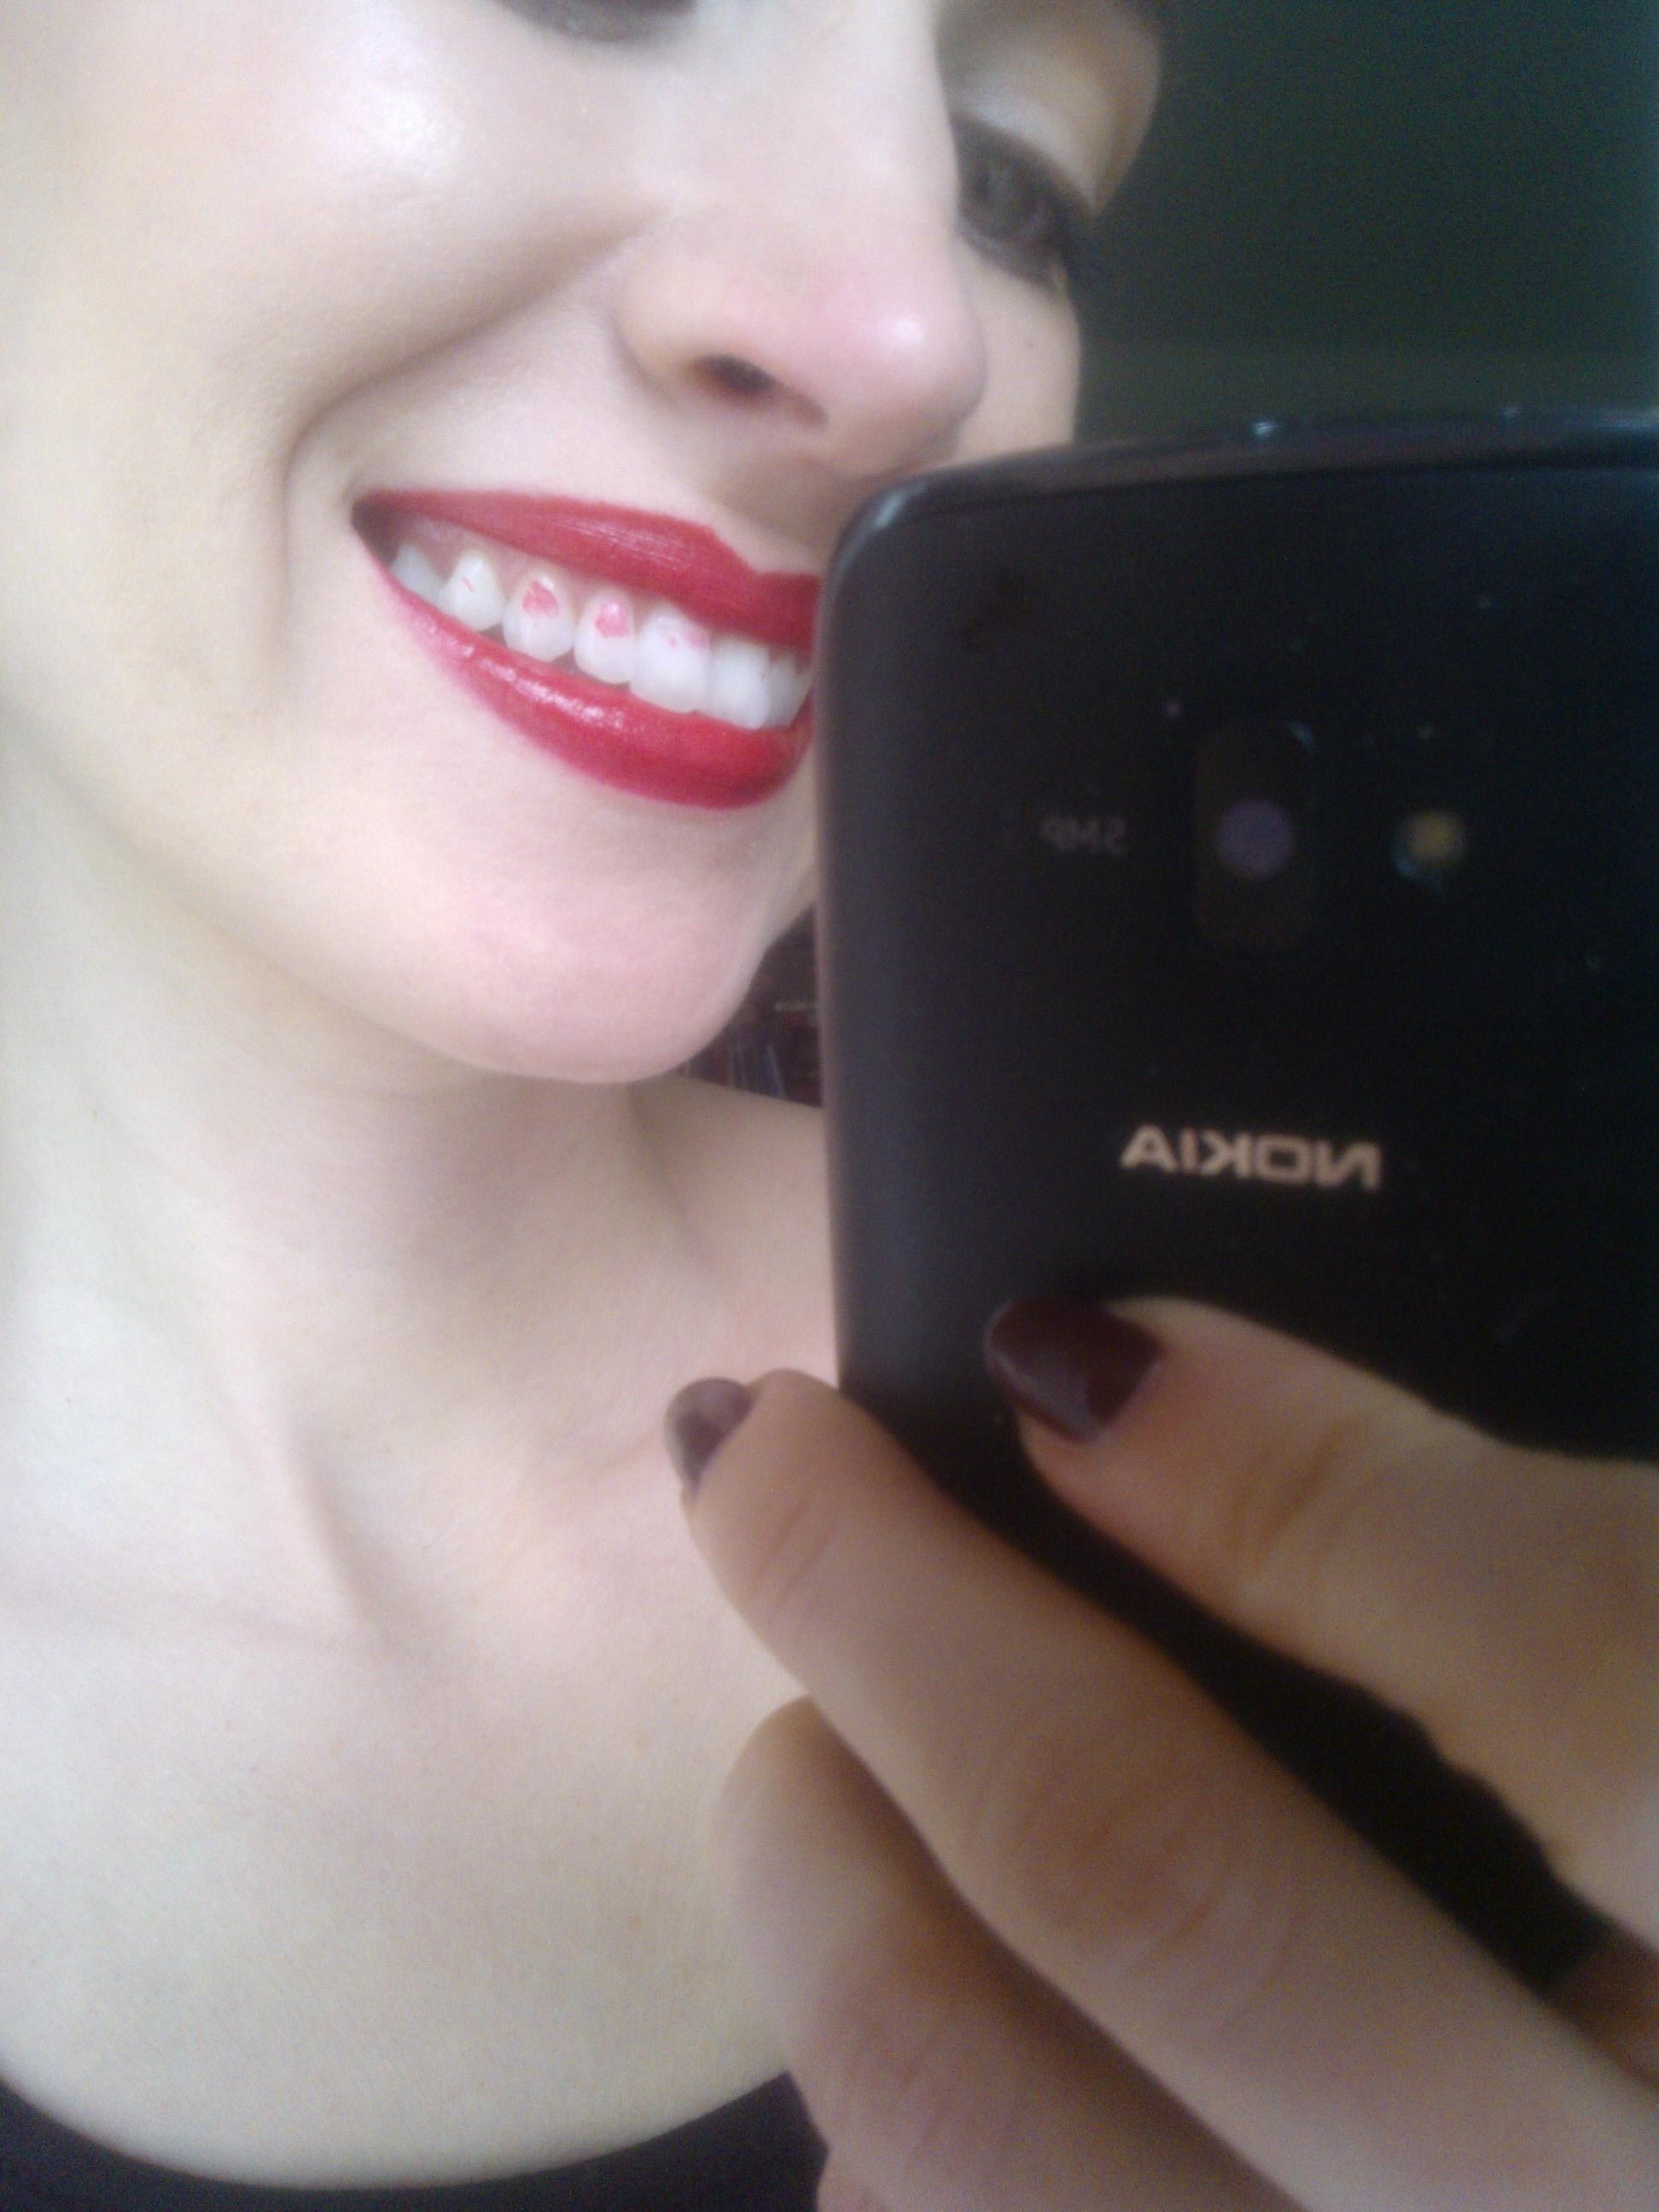 nočná mora všetkých narúžovaných-dá sa tomu predísť ak si do úst strčíte celý prst, perami ho jemne obopenetea pomaly vytiahnete..prebytočná farba zvnútra pier sazachytí na prste, nie na vašich zuboch